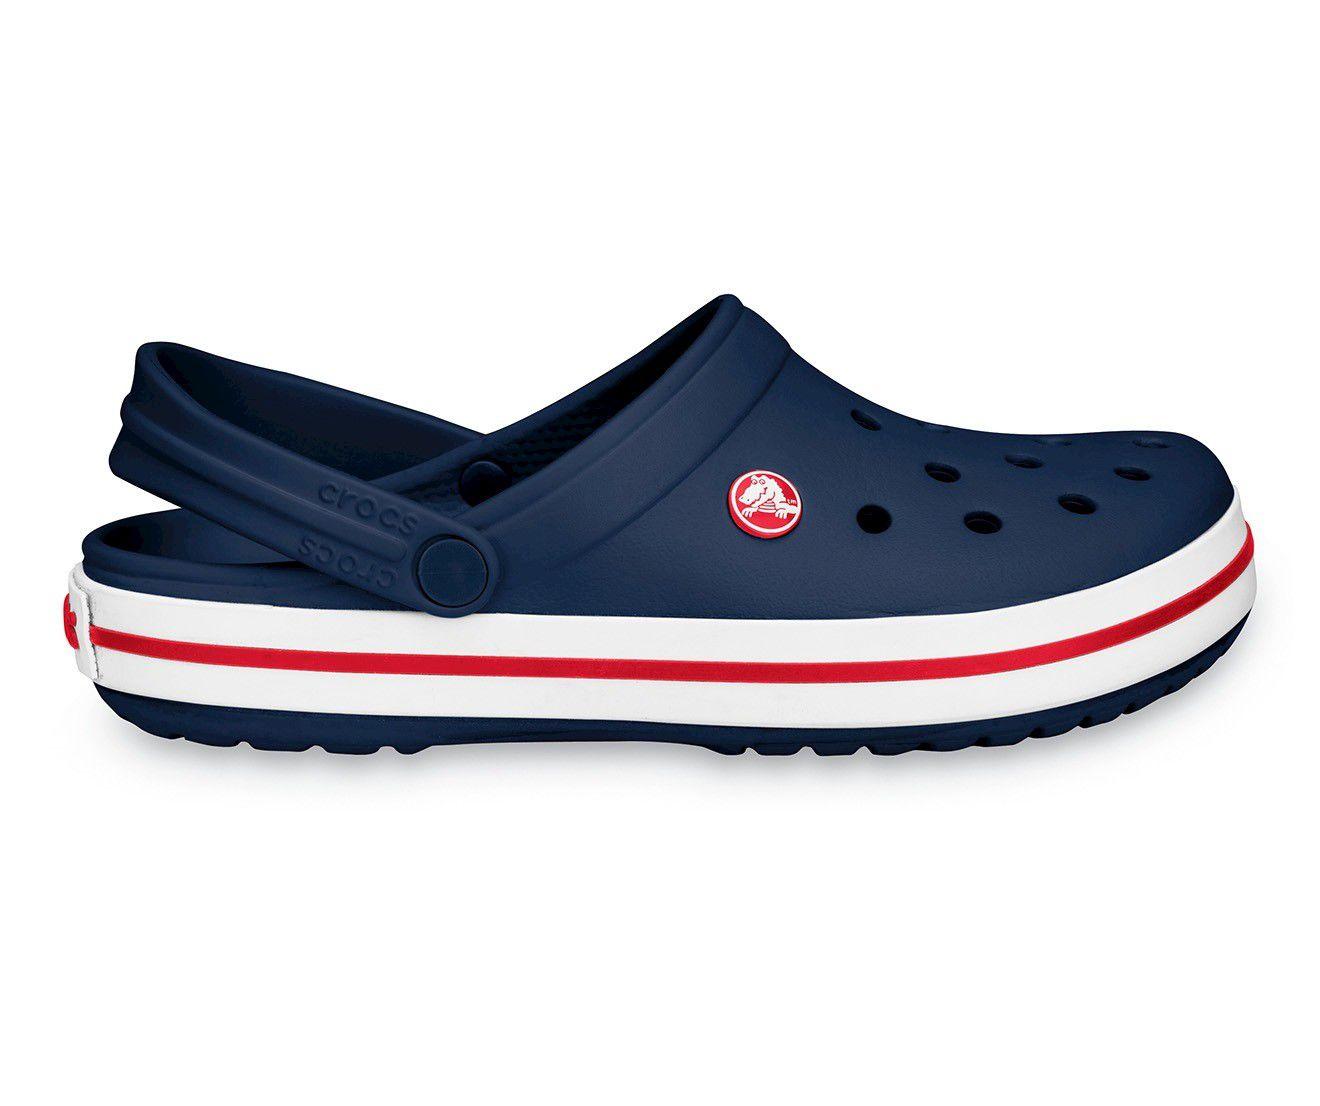 Sandália Crocs Crocband Infantil Navy